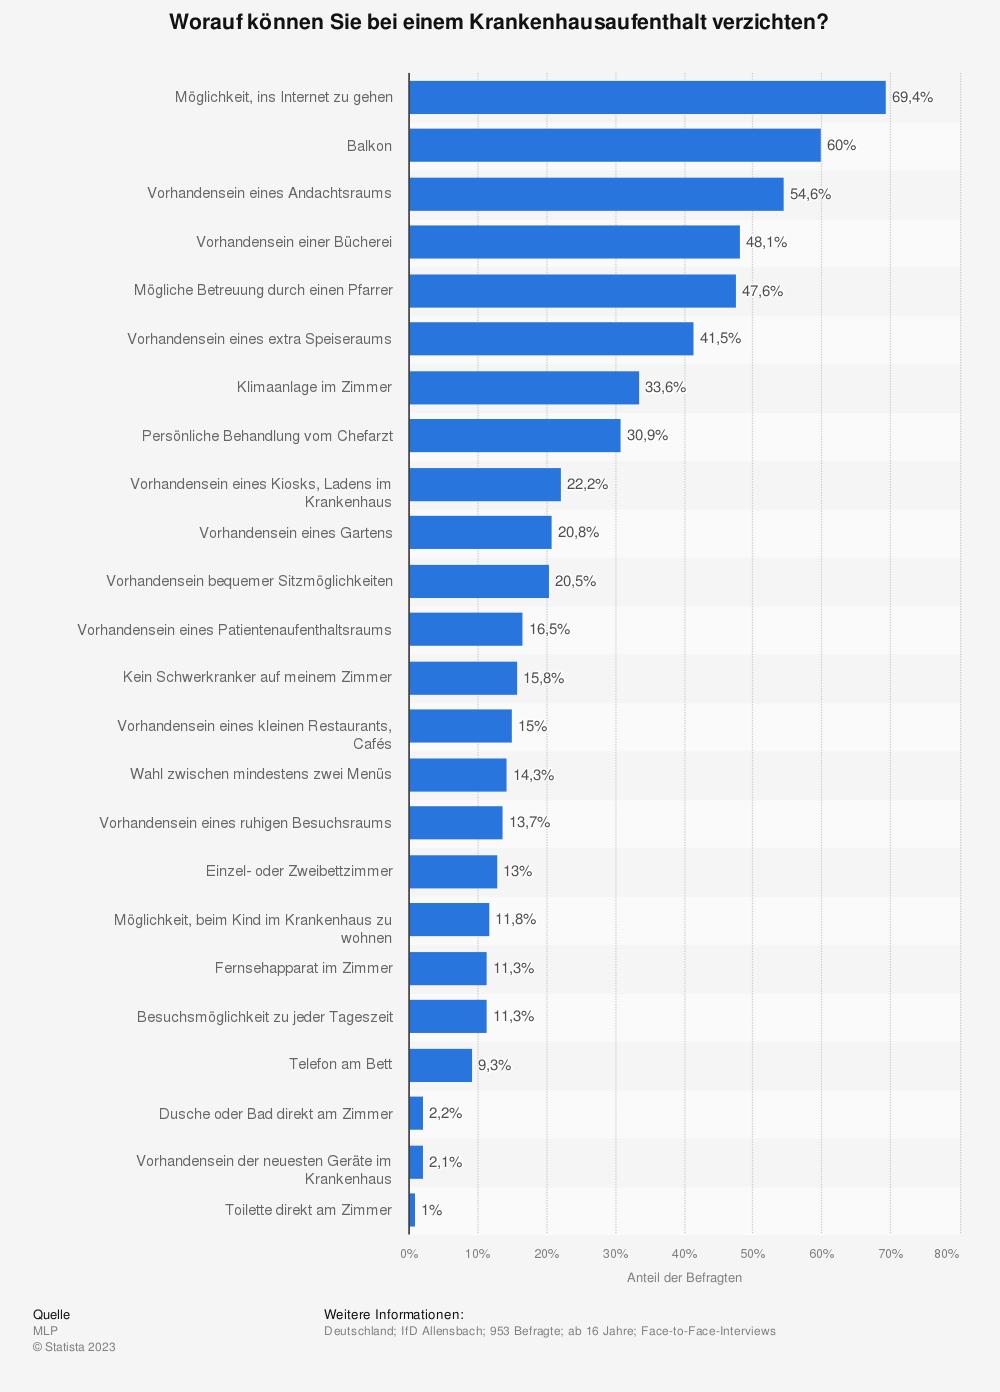 Statistik: Worauf können Sie bei einem Krankenhausaufenthalt verzichten? | Statista